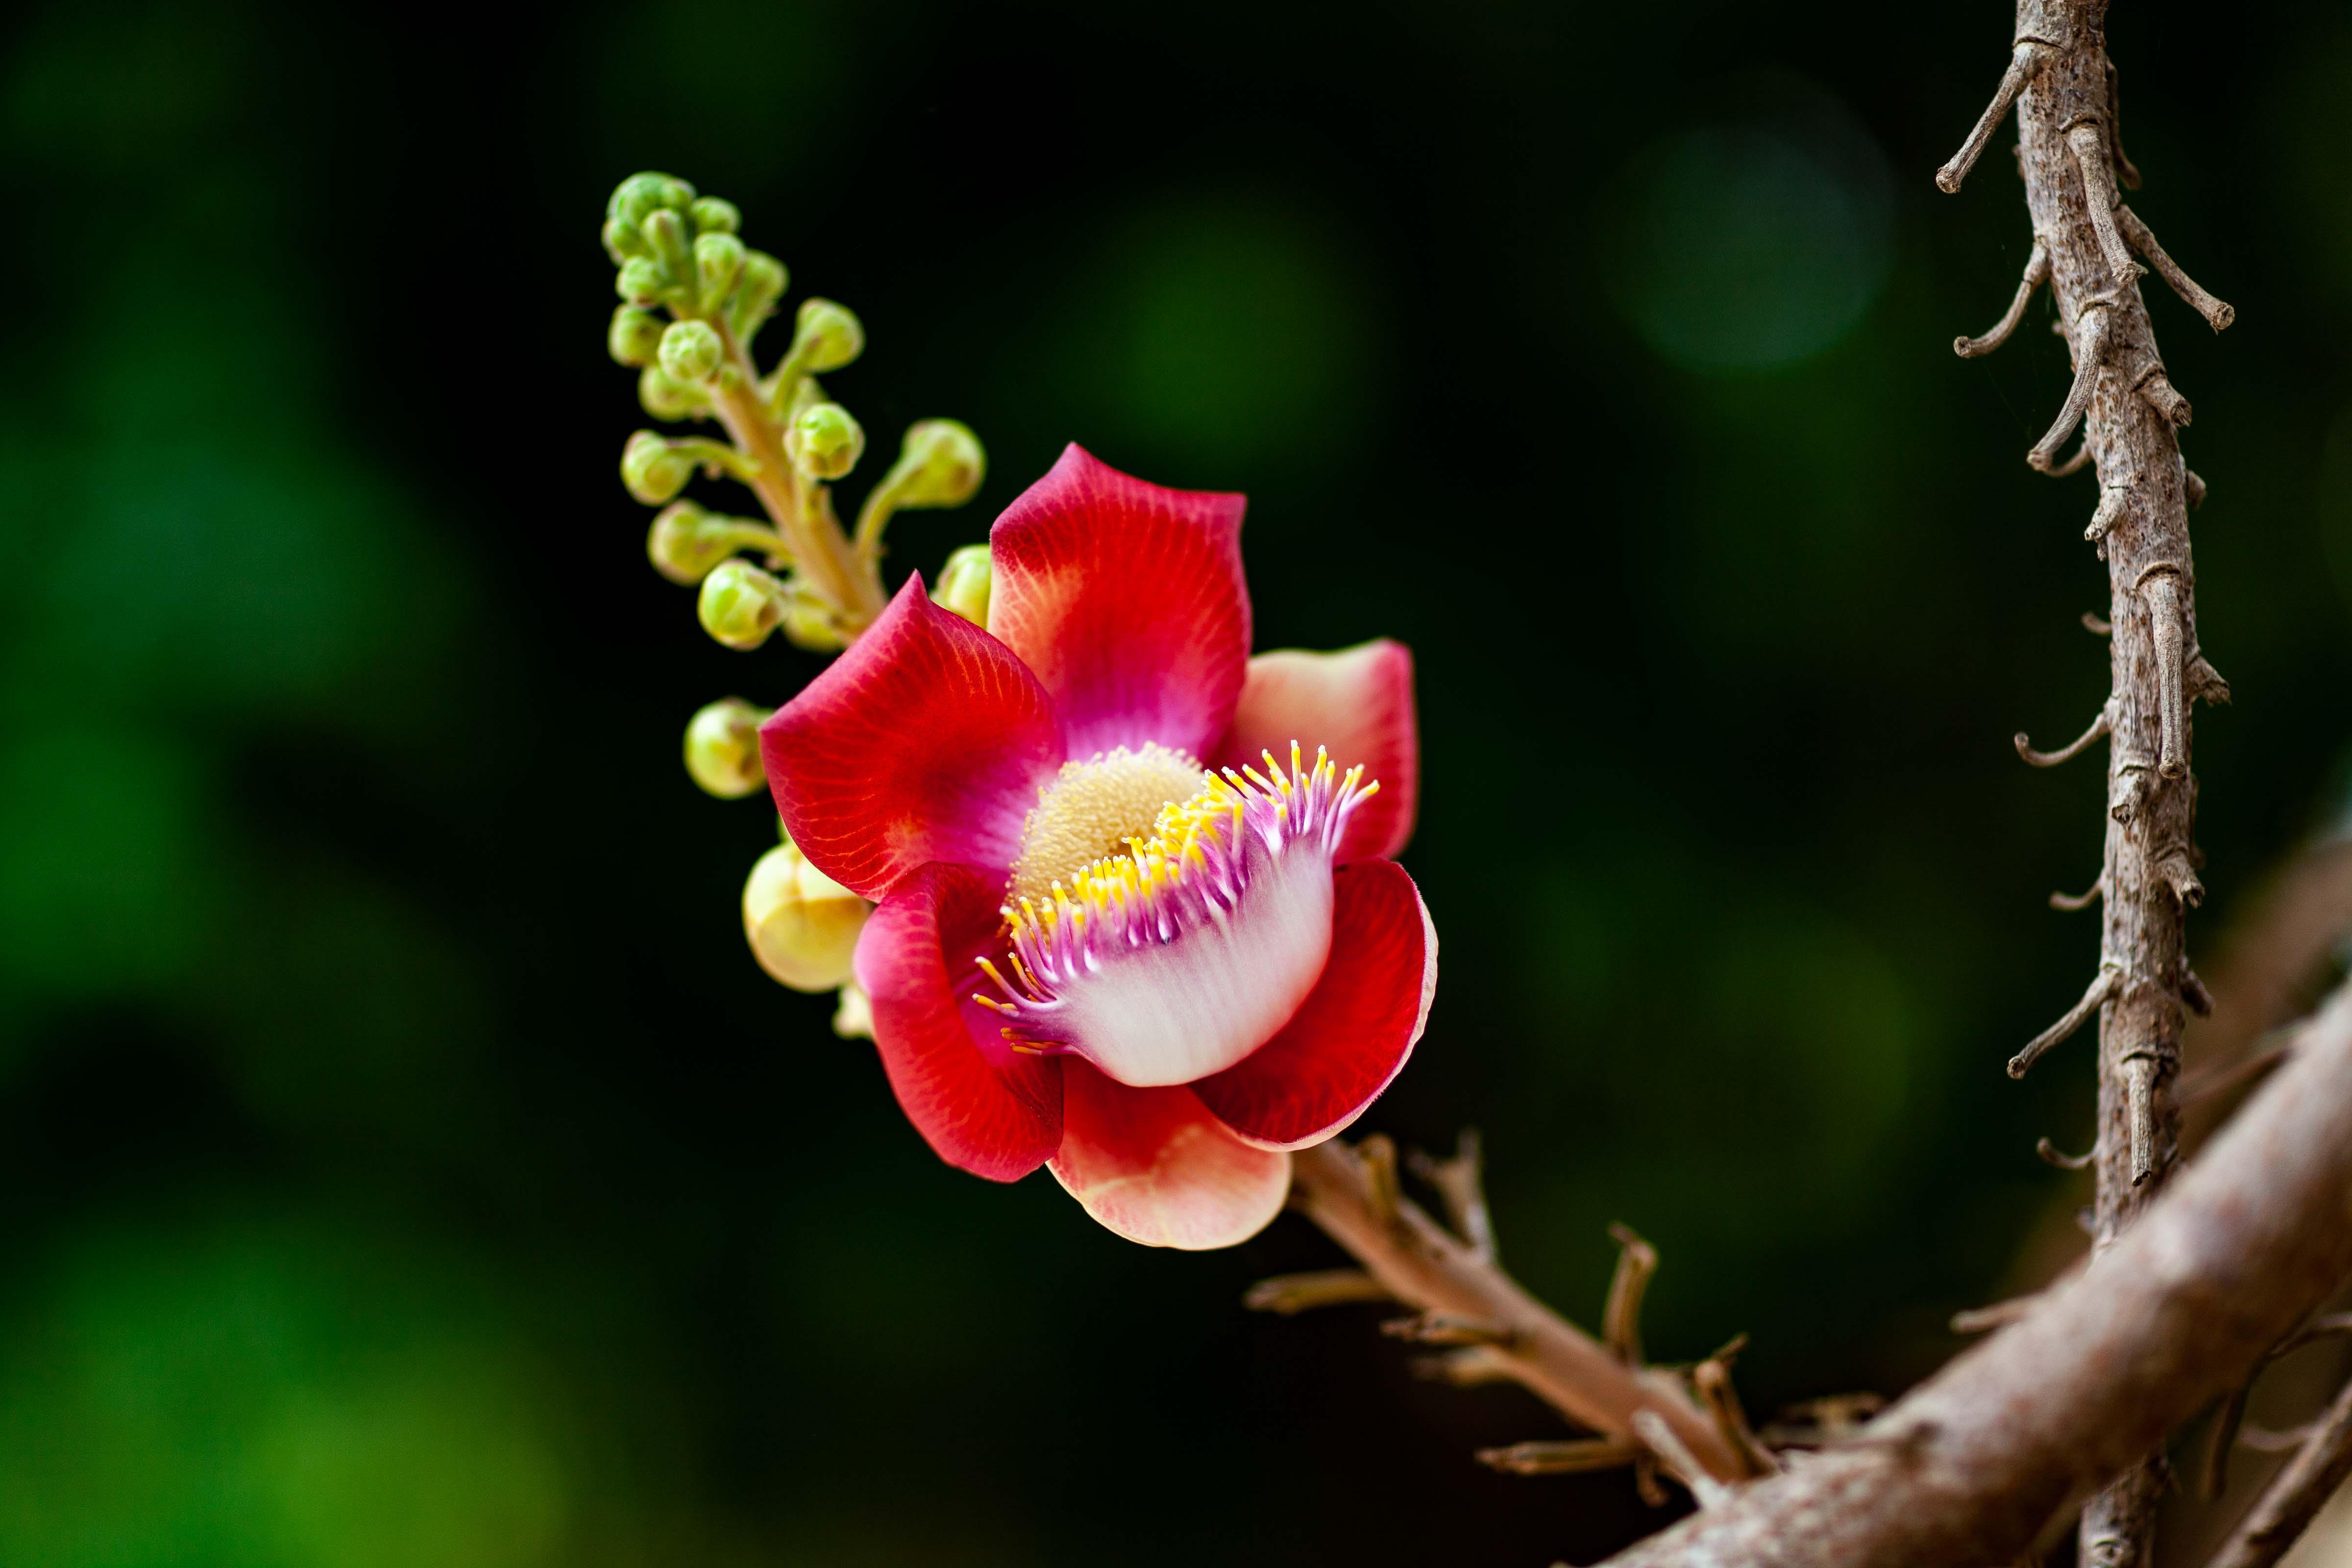 Cambodia, Baat Dambang Prov, Lotus Flower, 2009, IMG 9668